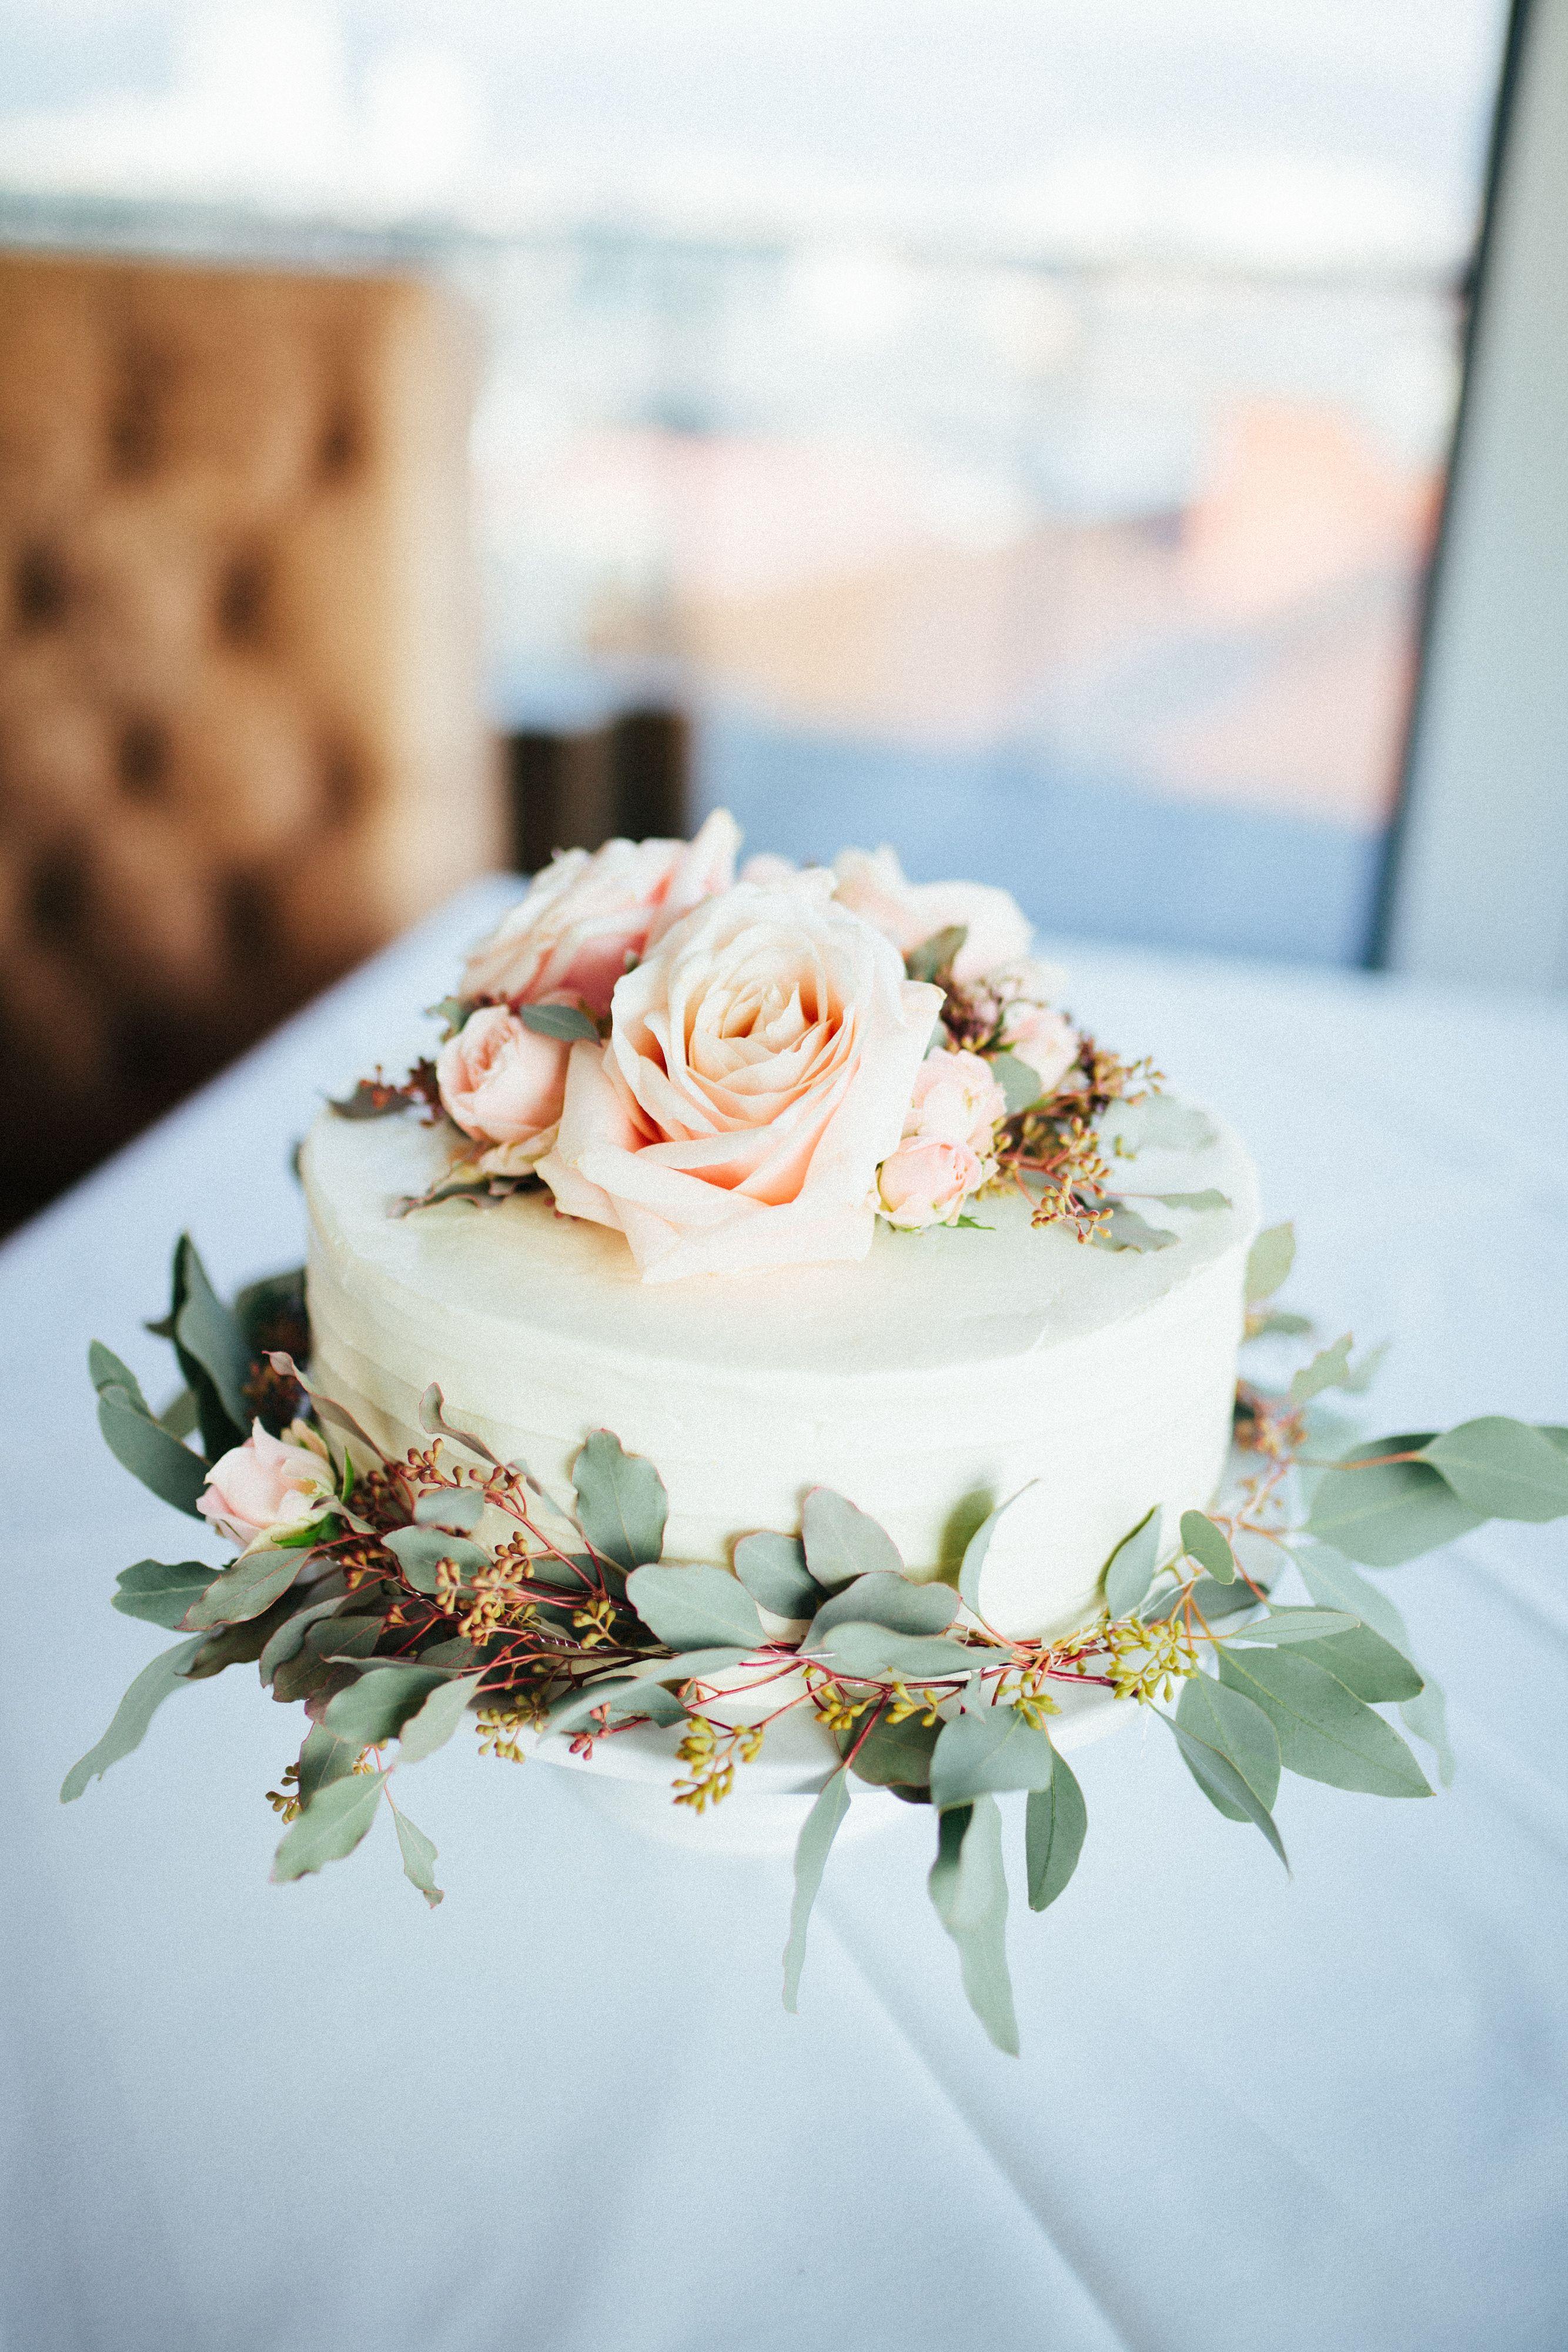 Echte Kuchenliebe Torte Torte Hochzeit Rustikale Hochzeitstorten Hochzeitstorte Einfach